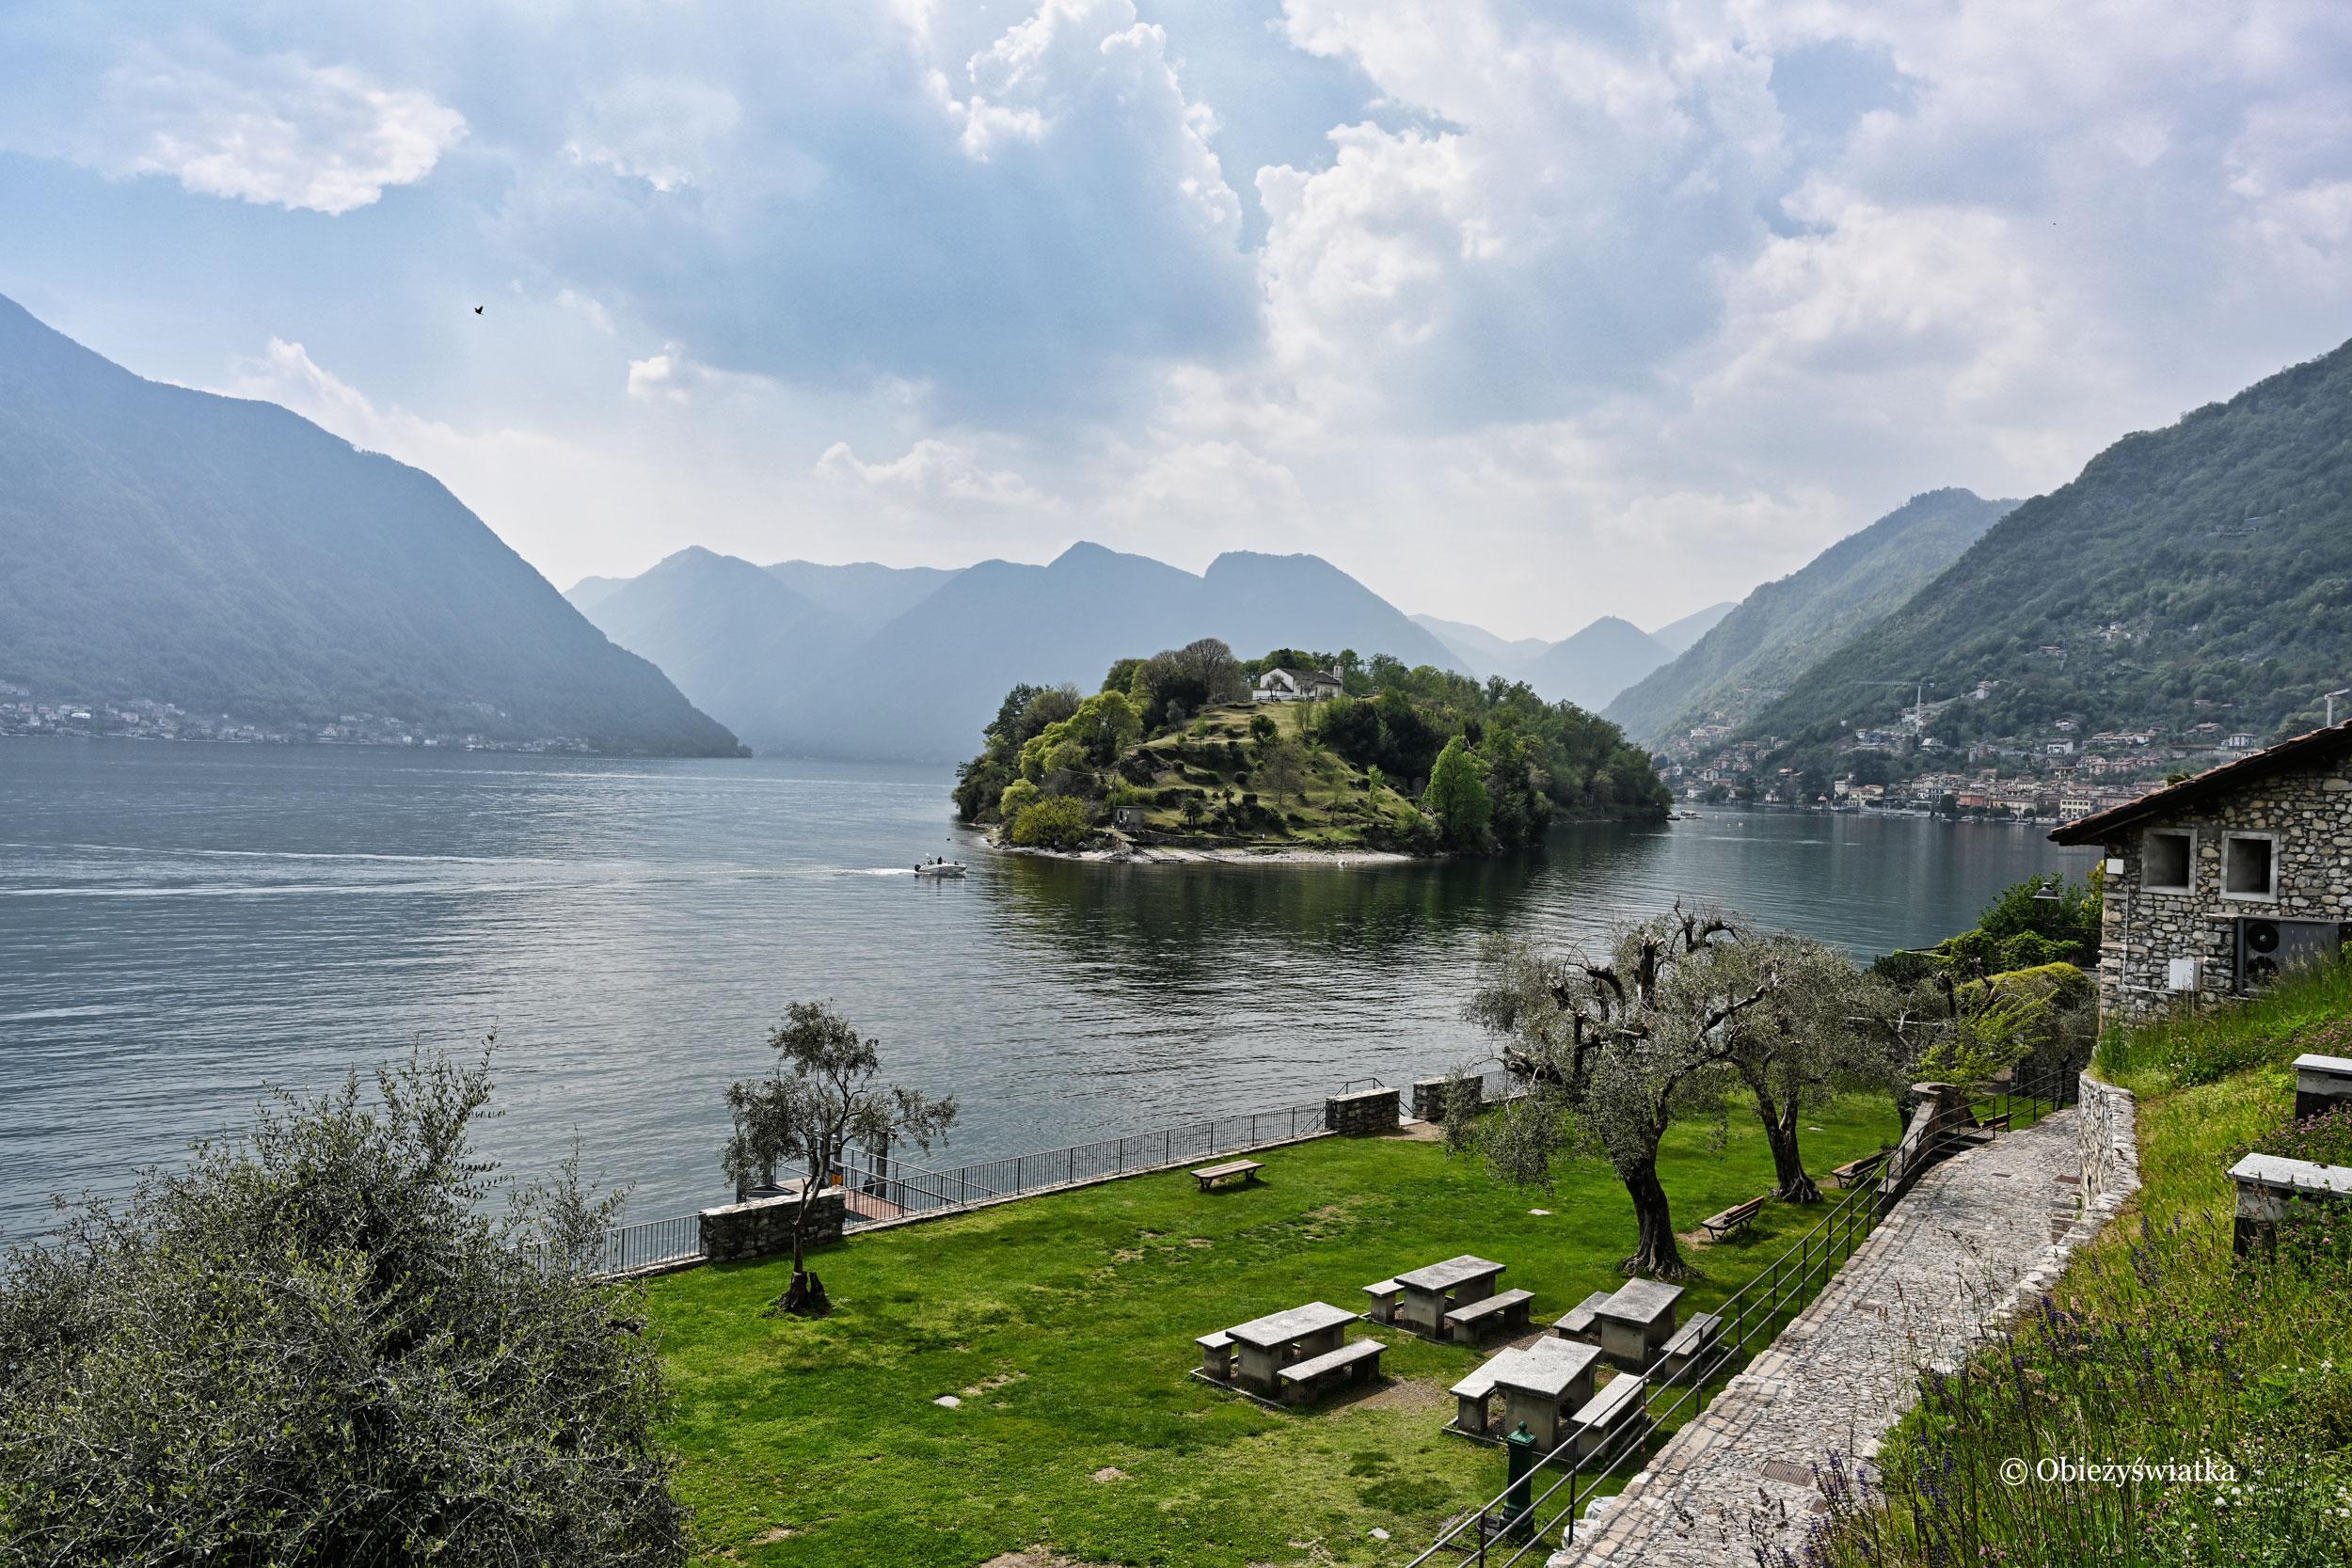 Isola Comacina i Lago di Como, Włochy